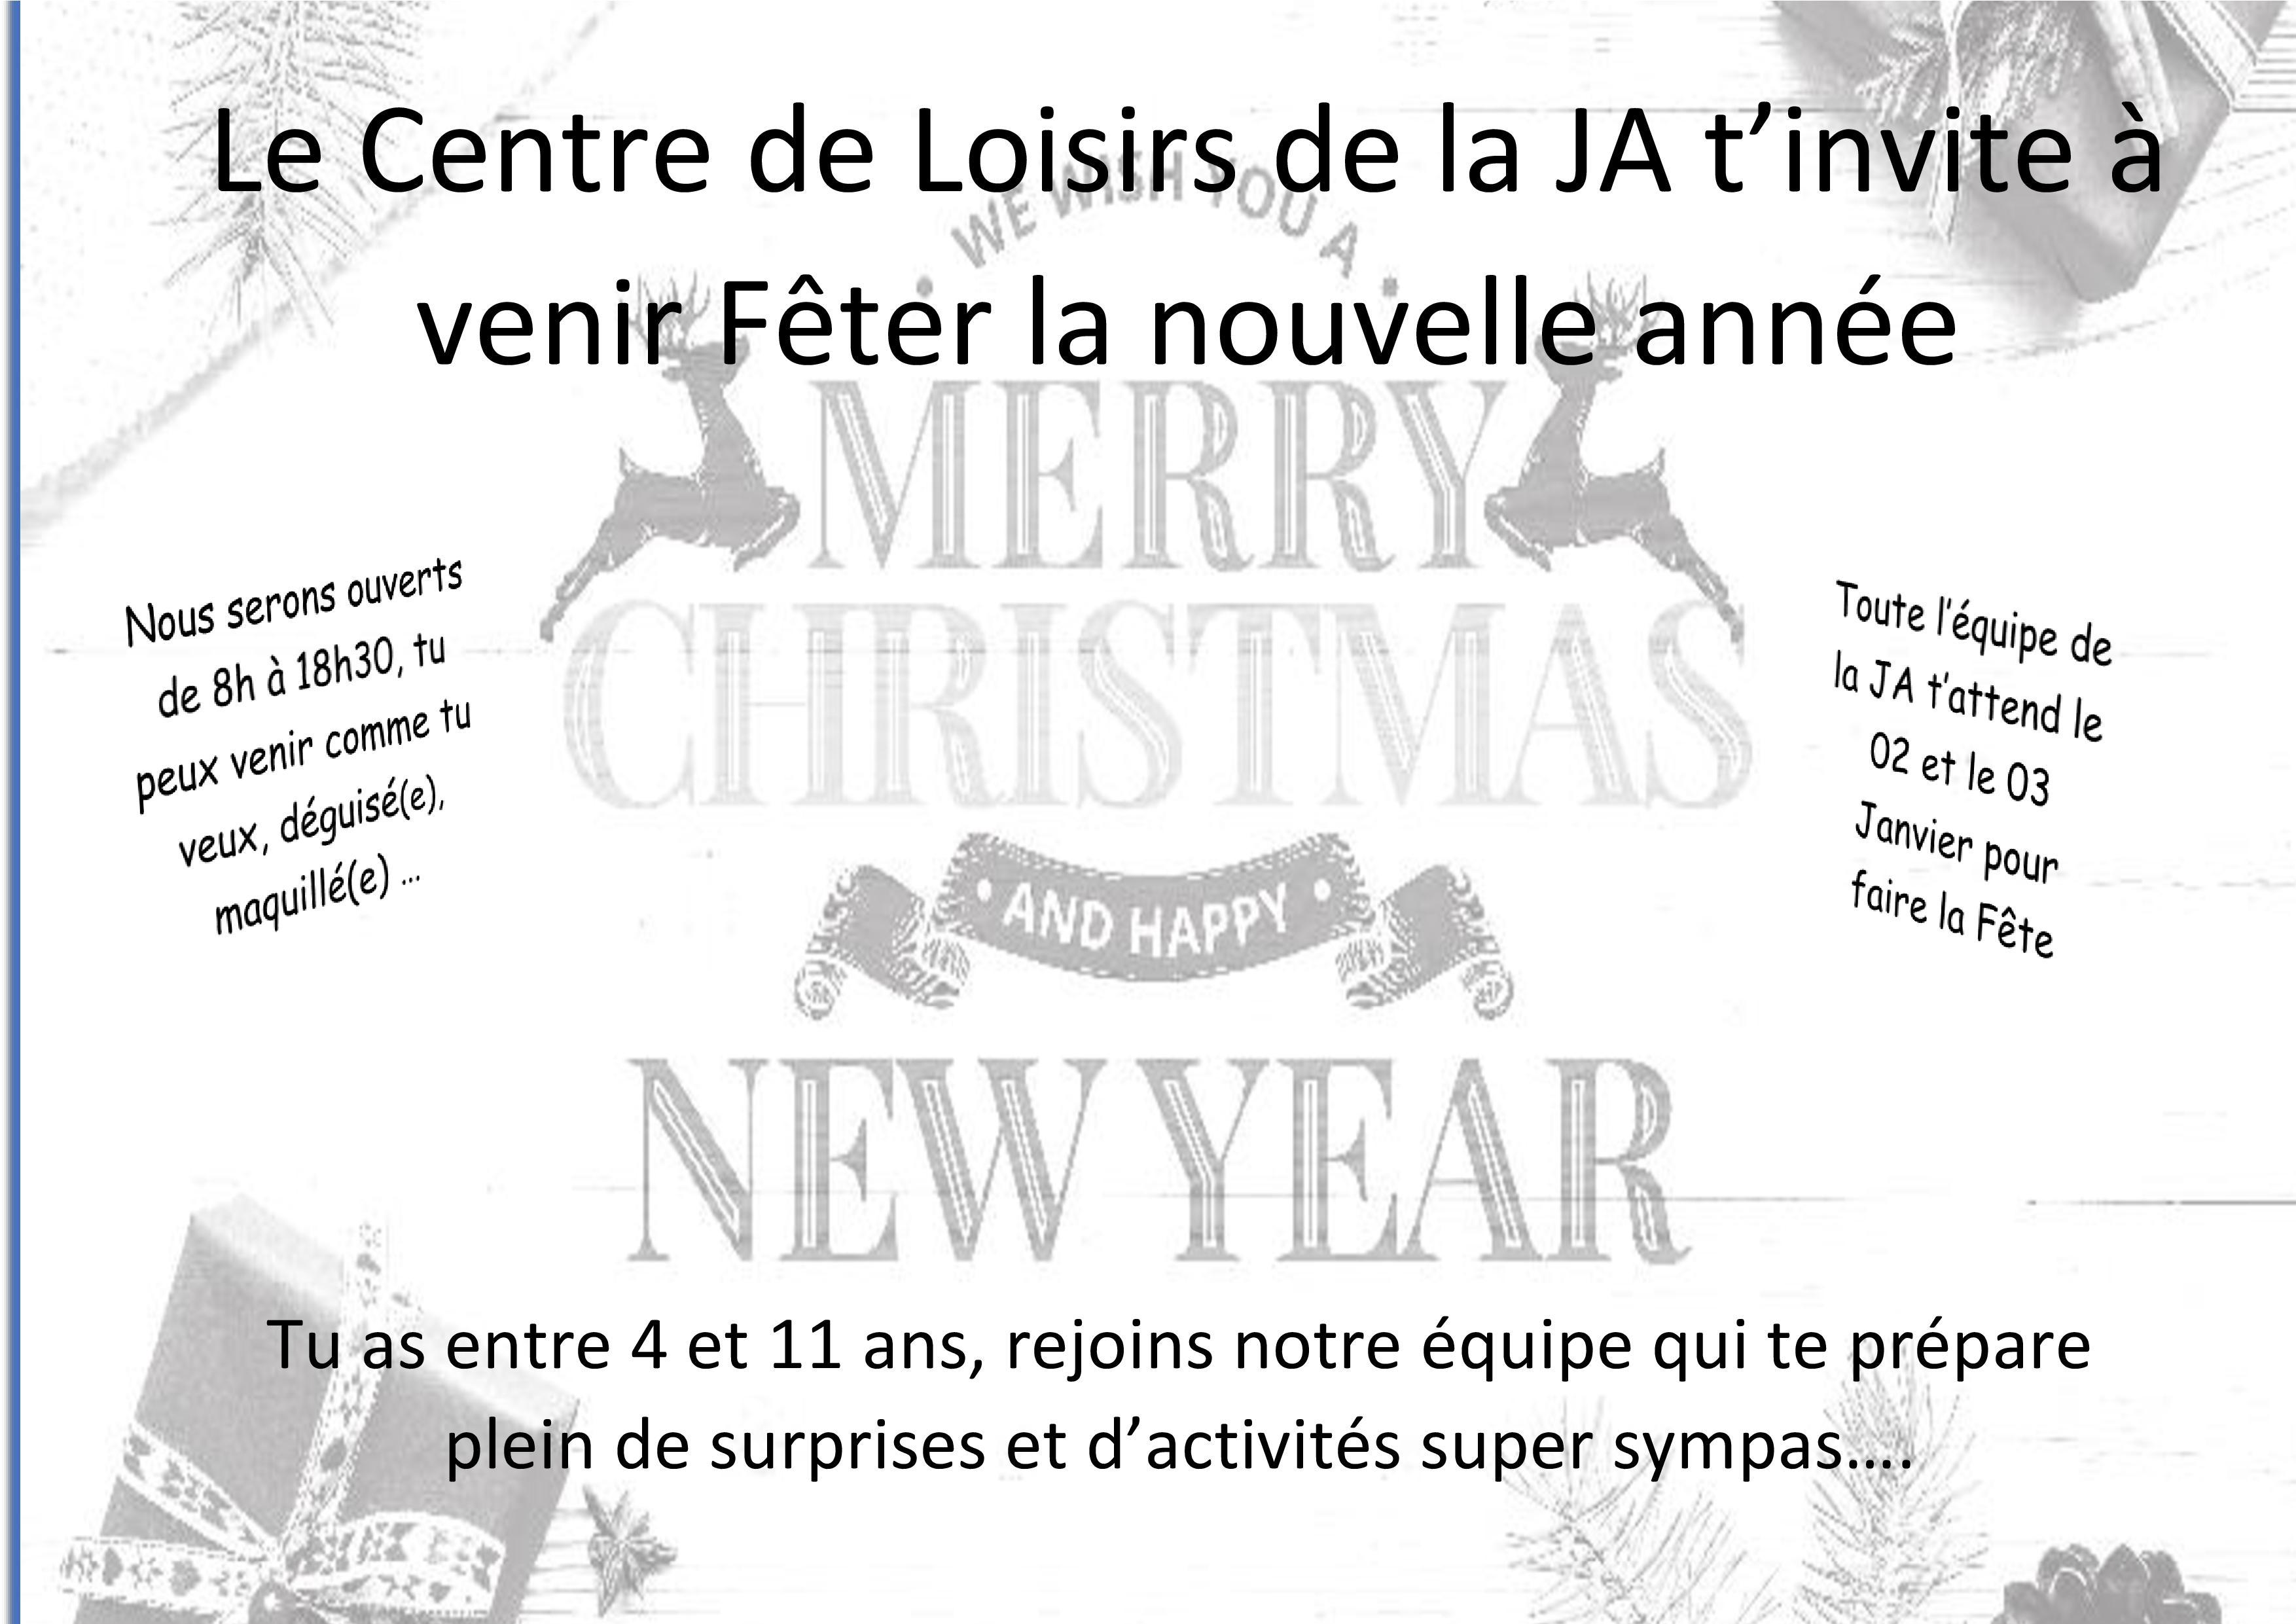 Vacances de Noël 2019-2020